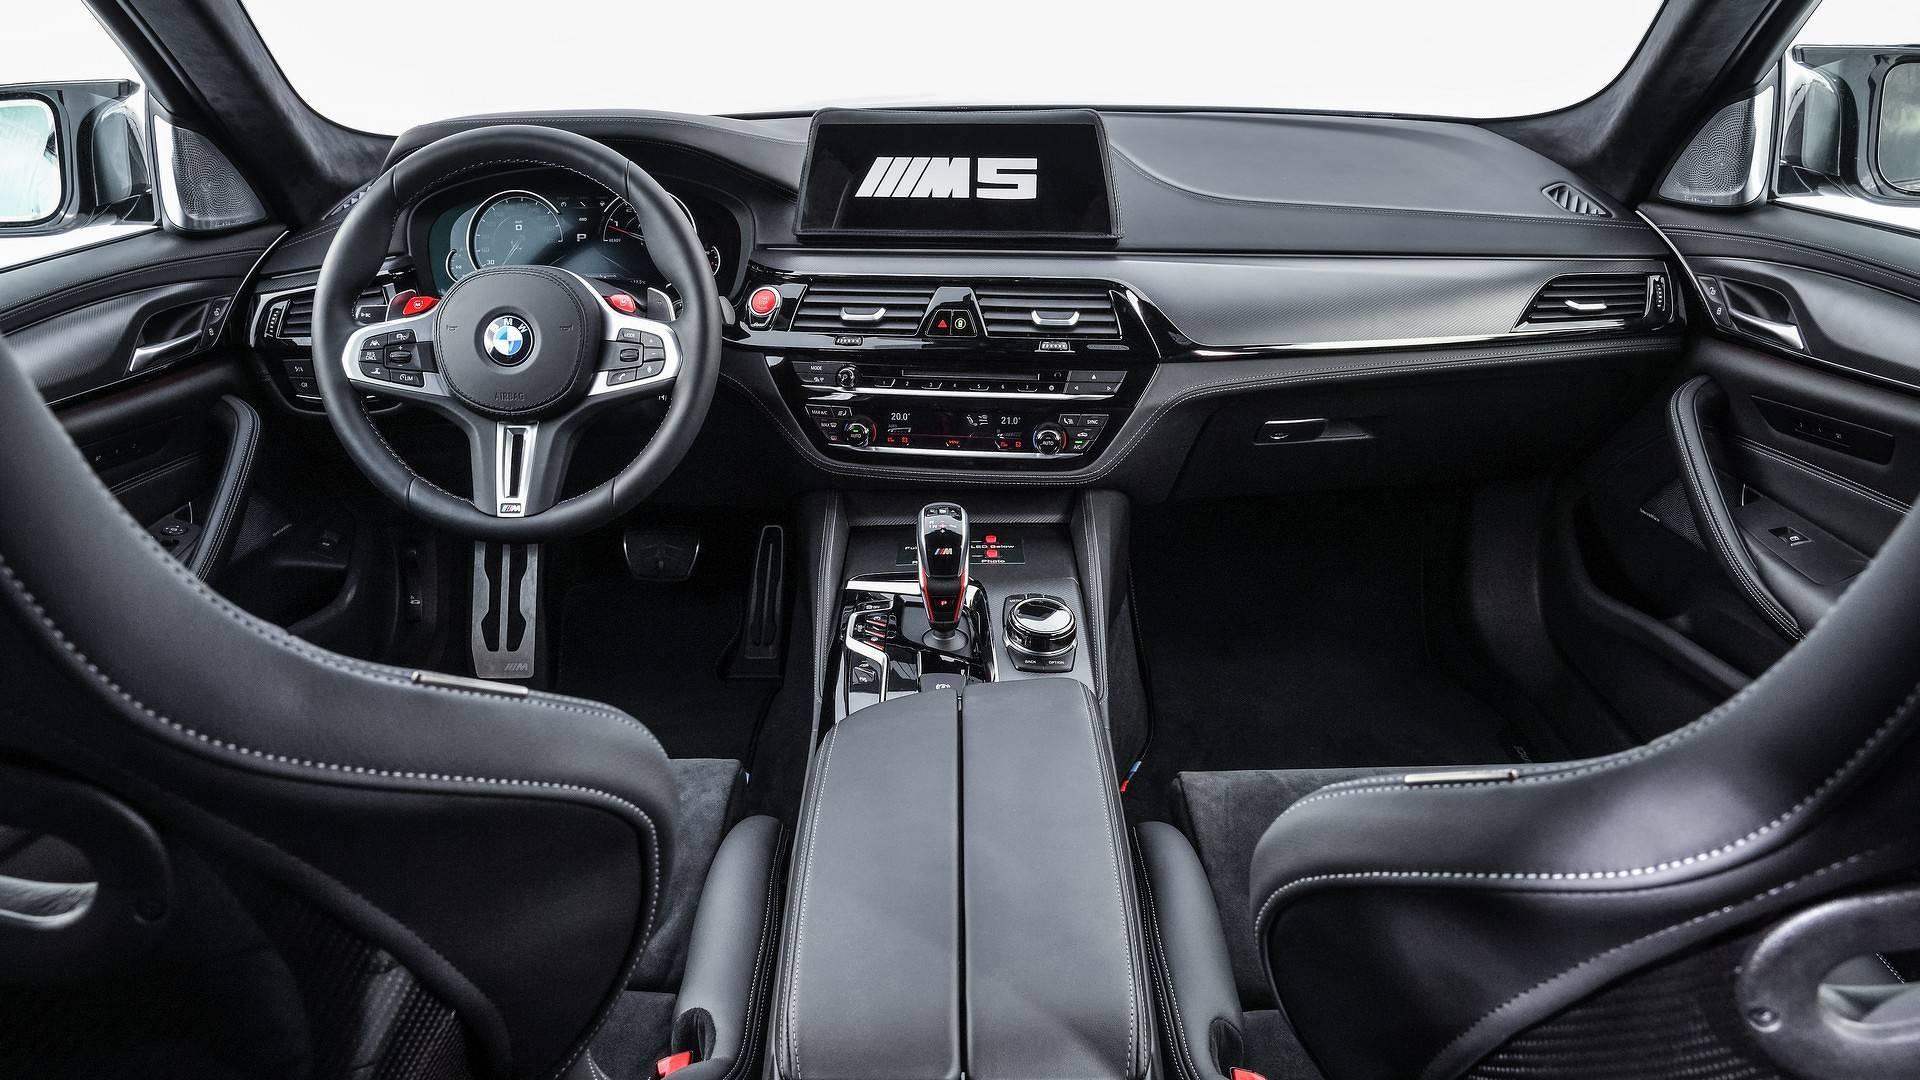 Bmw F90 M5 Chosen As 2018 Motogp Safety Car Previews M5 M